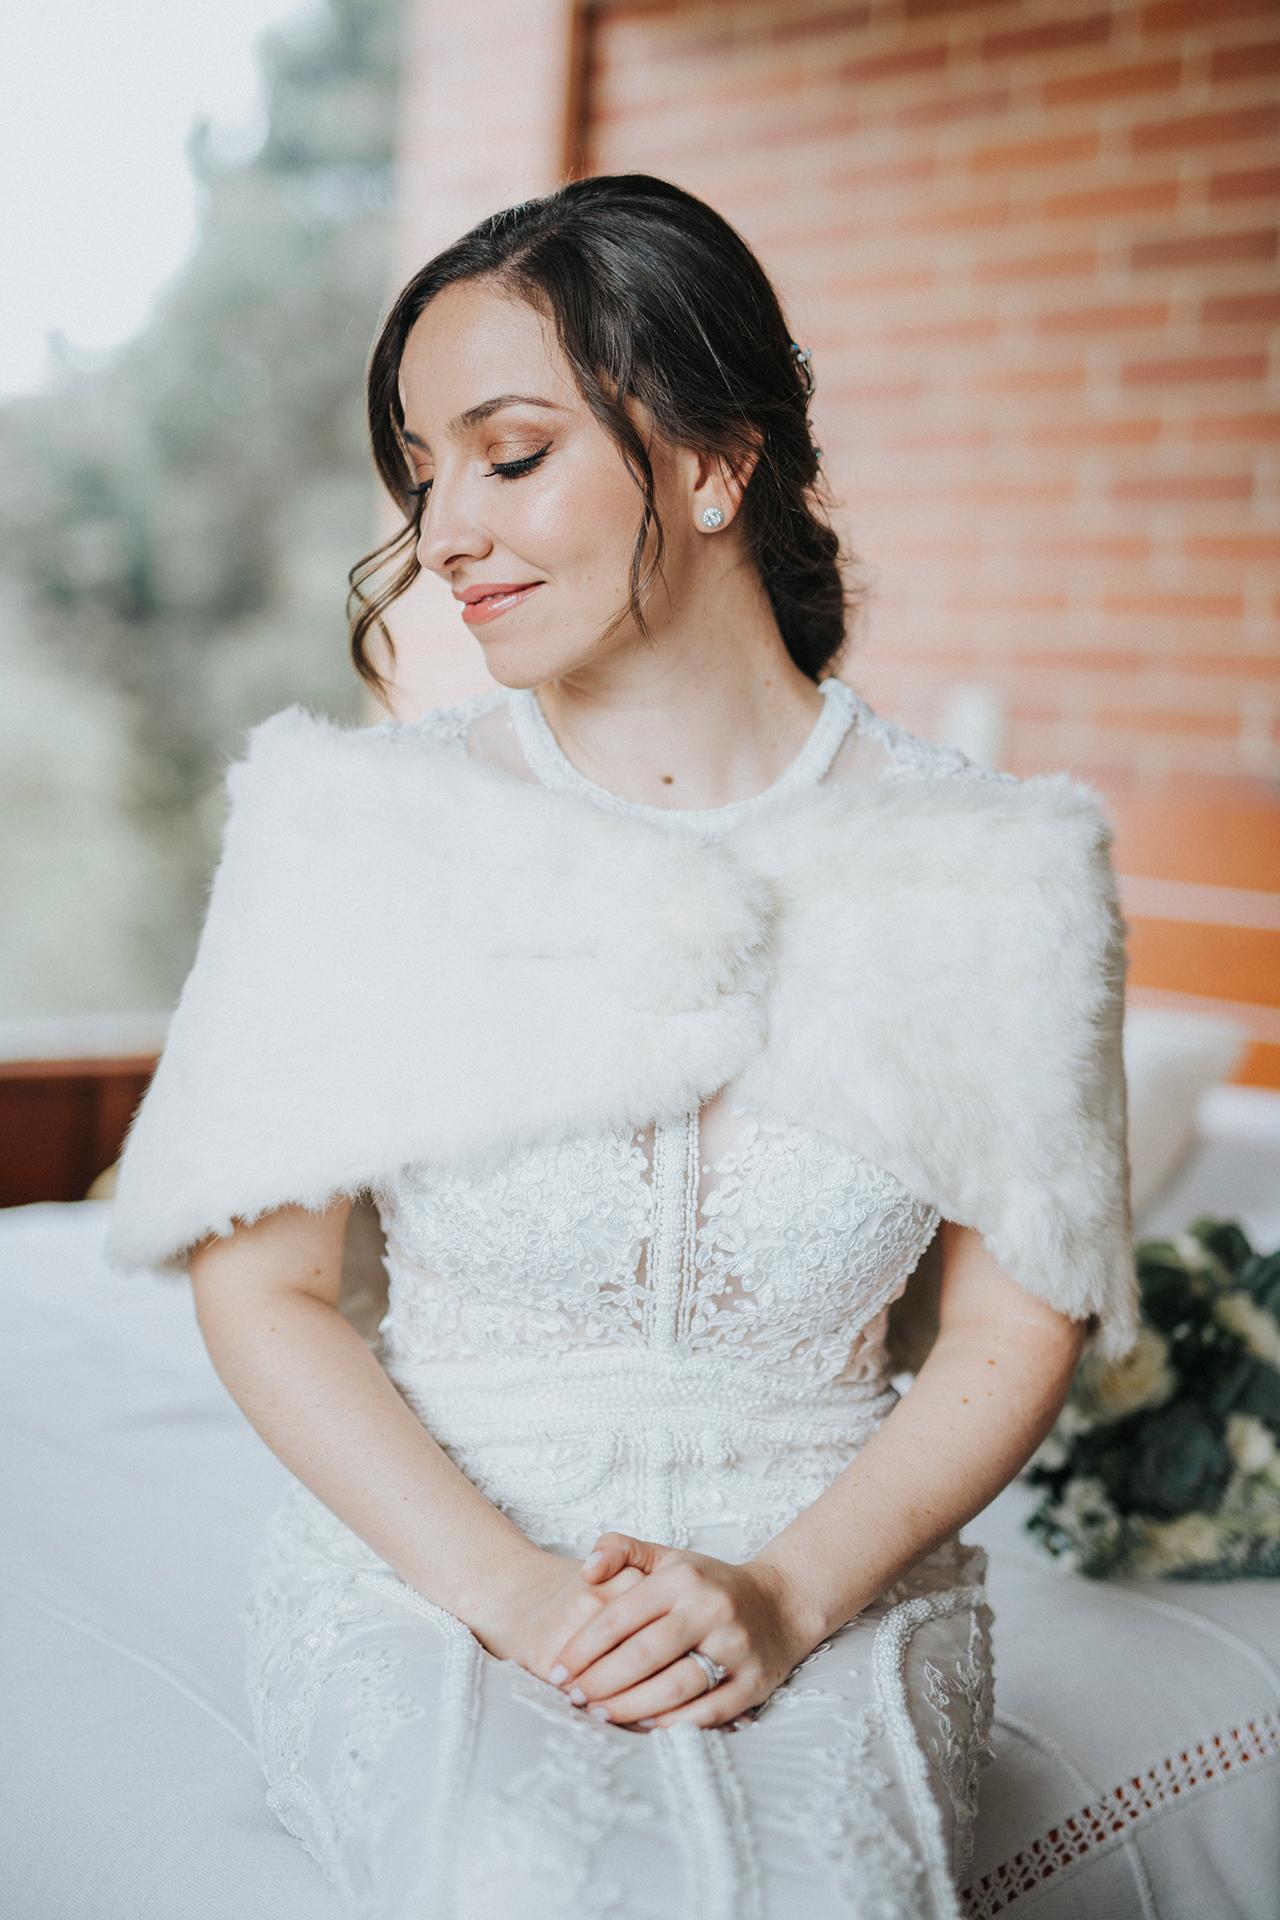 julieth-bravo-bride-makeup-vestido-.jpg